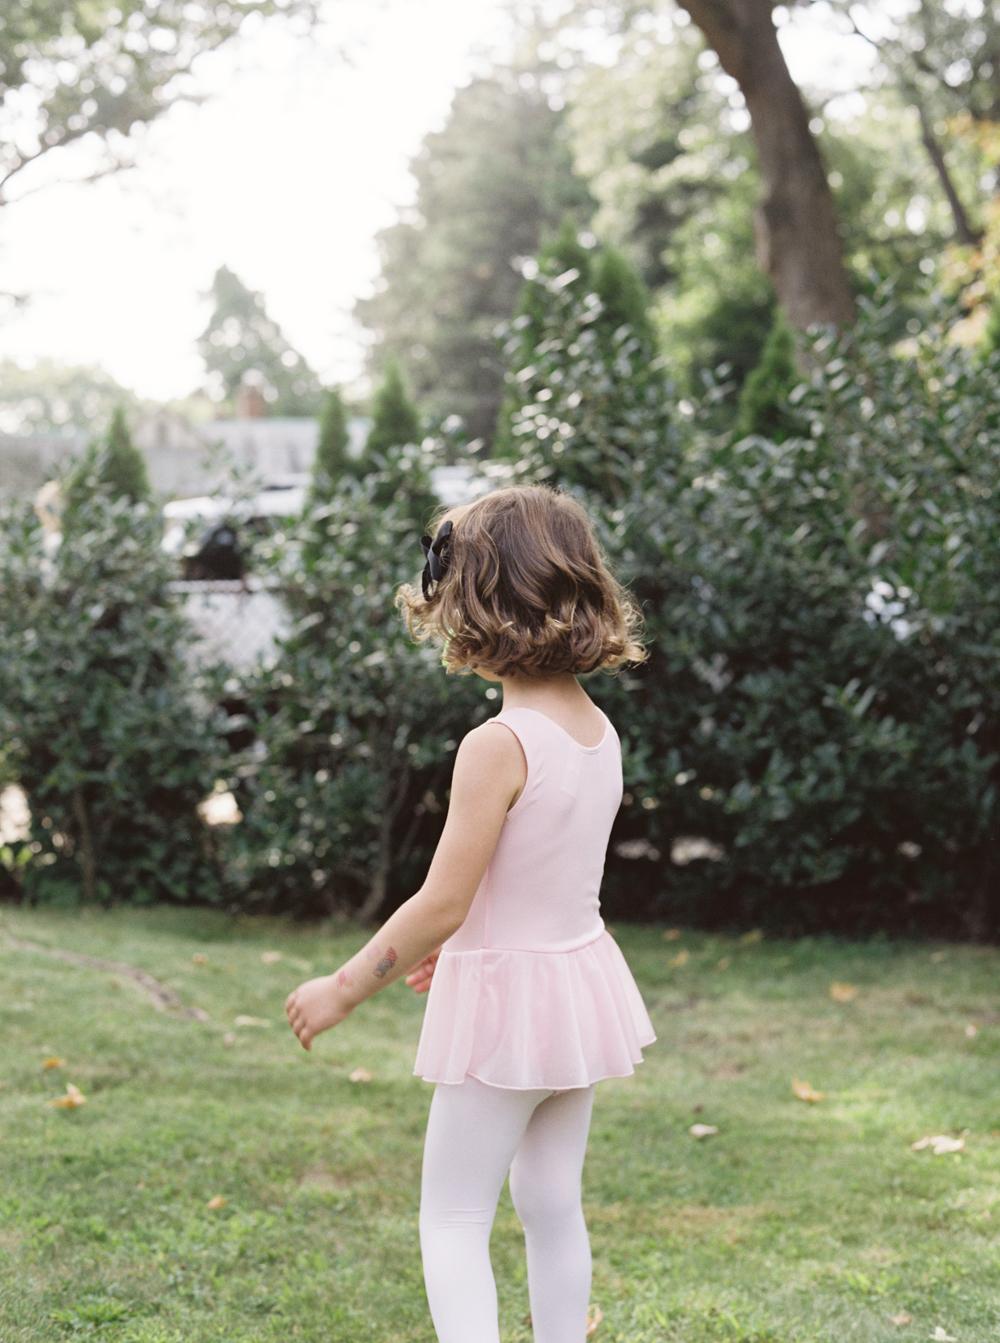 cristina-lozito-photography-families-45.jpg